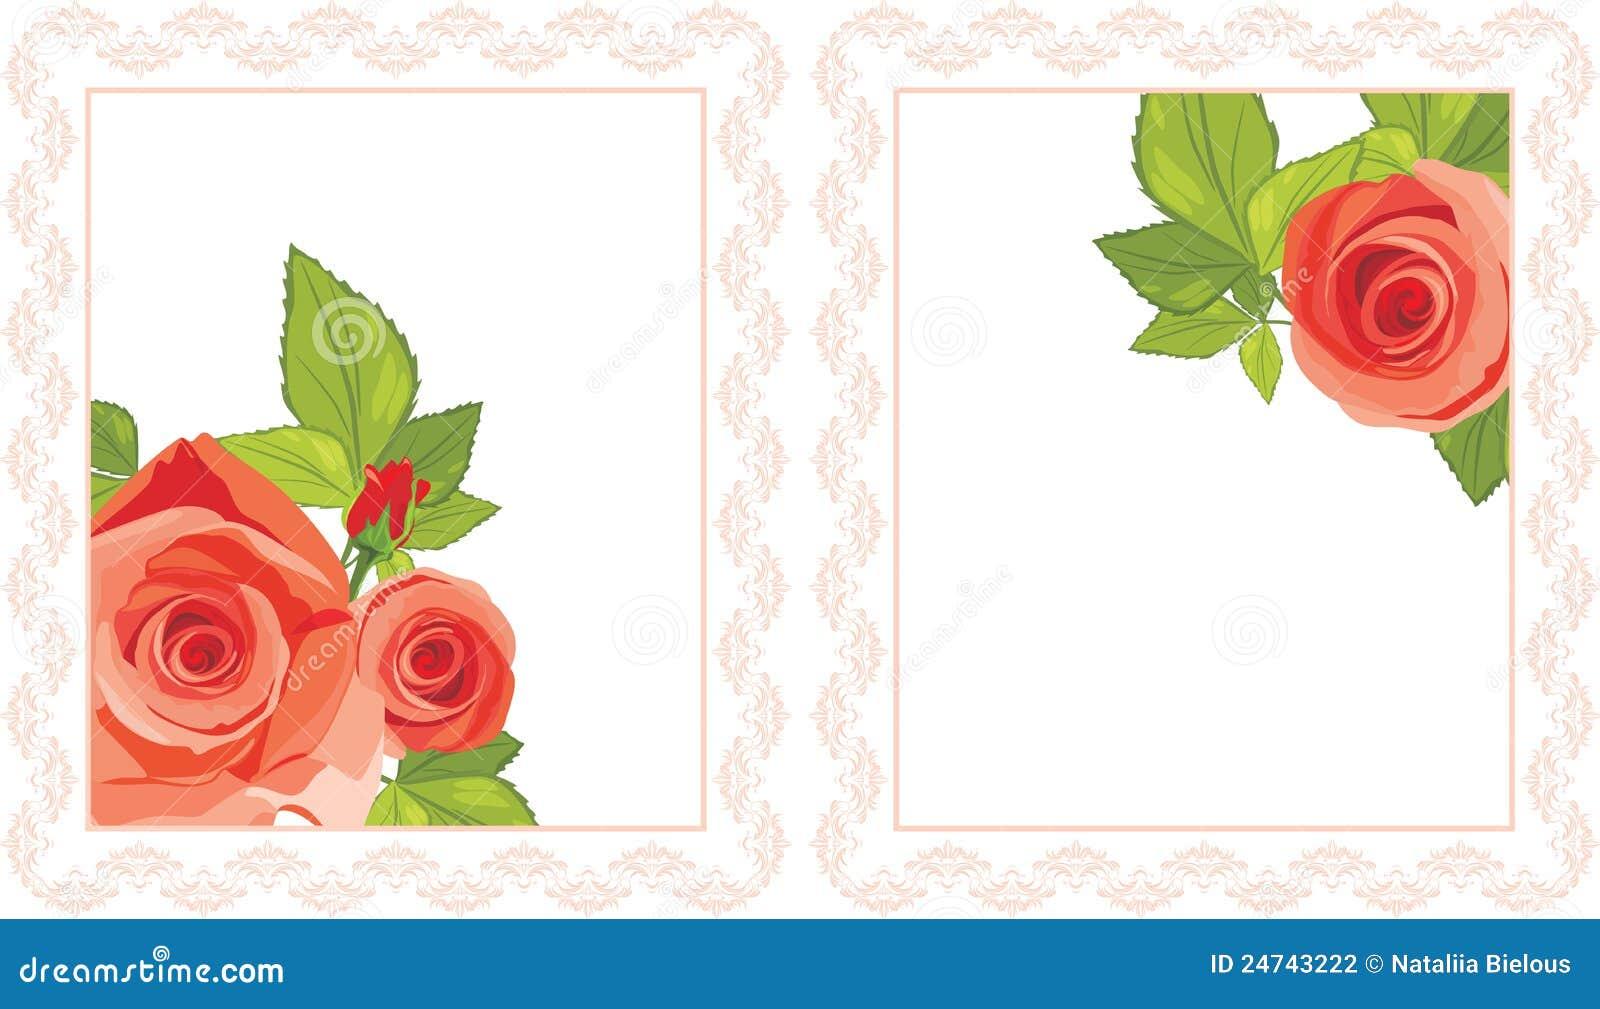 Marcos decorativos con las rosas rojas fotograf a de - Marcos decorativos ...